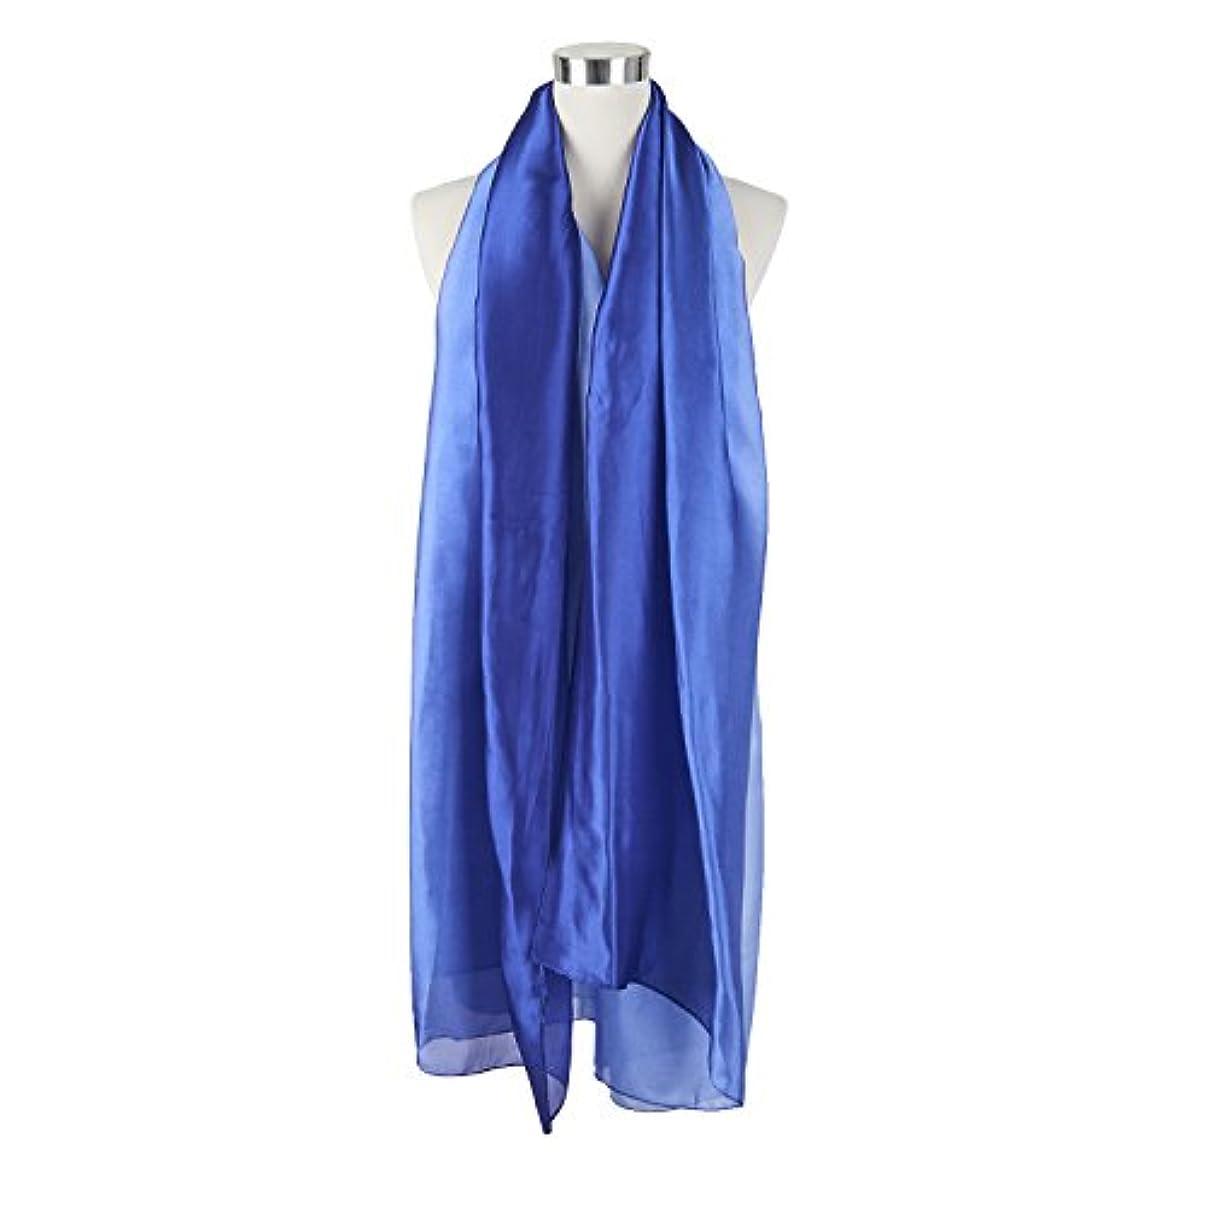 毒液徹底代替案レディース 大判 ストール 紫外線対策 上品 透け感 グラデーションカラー スカーフ 全12色